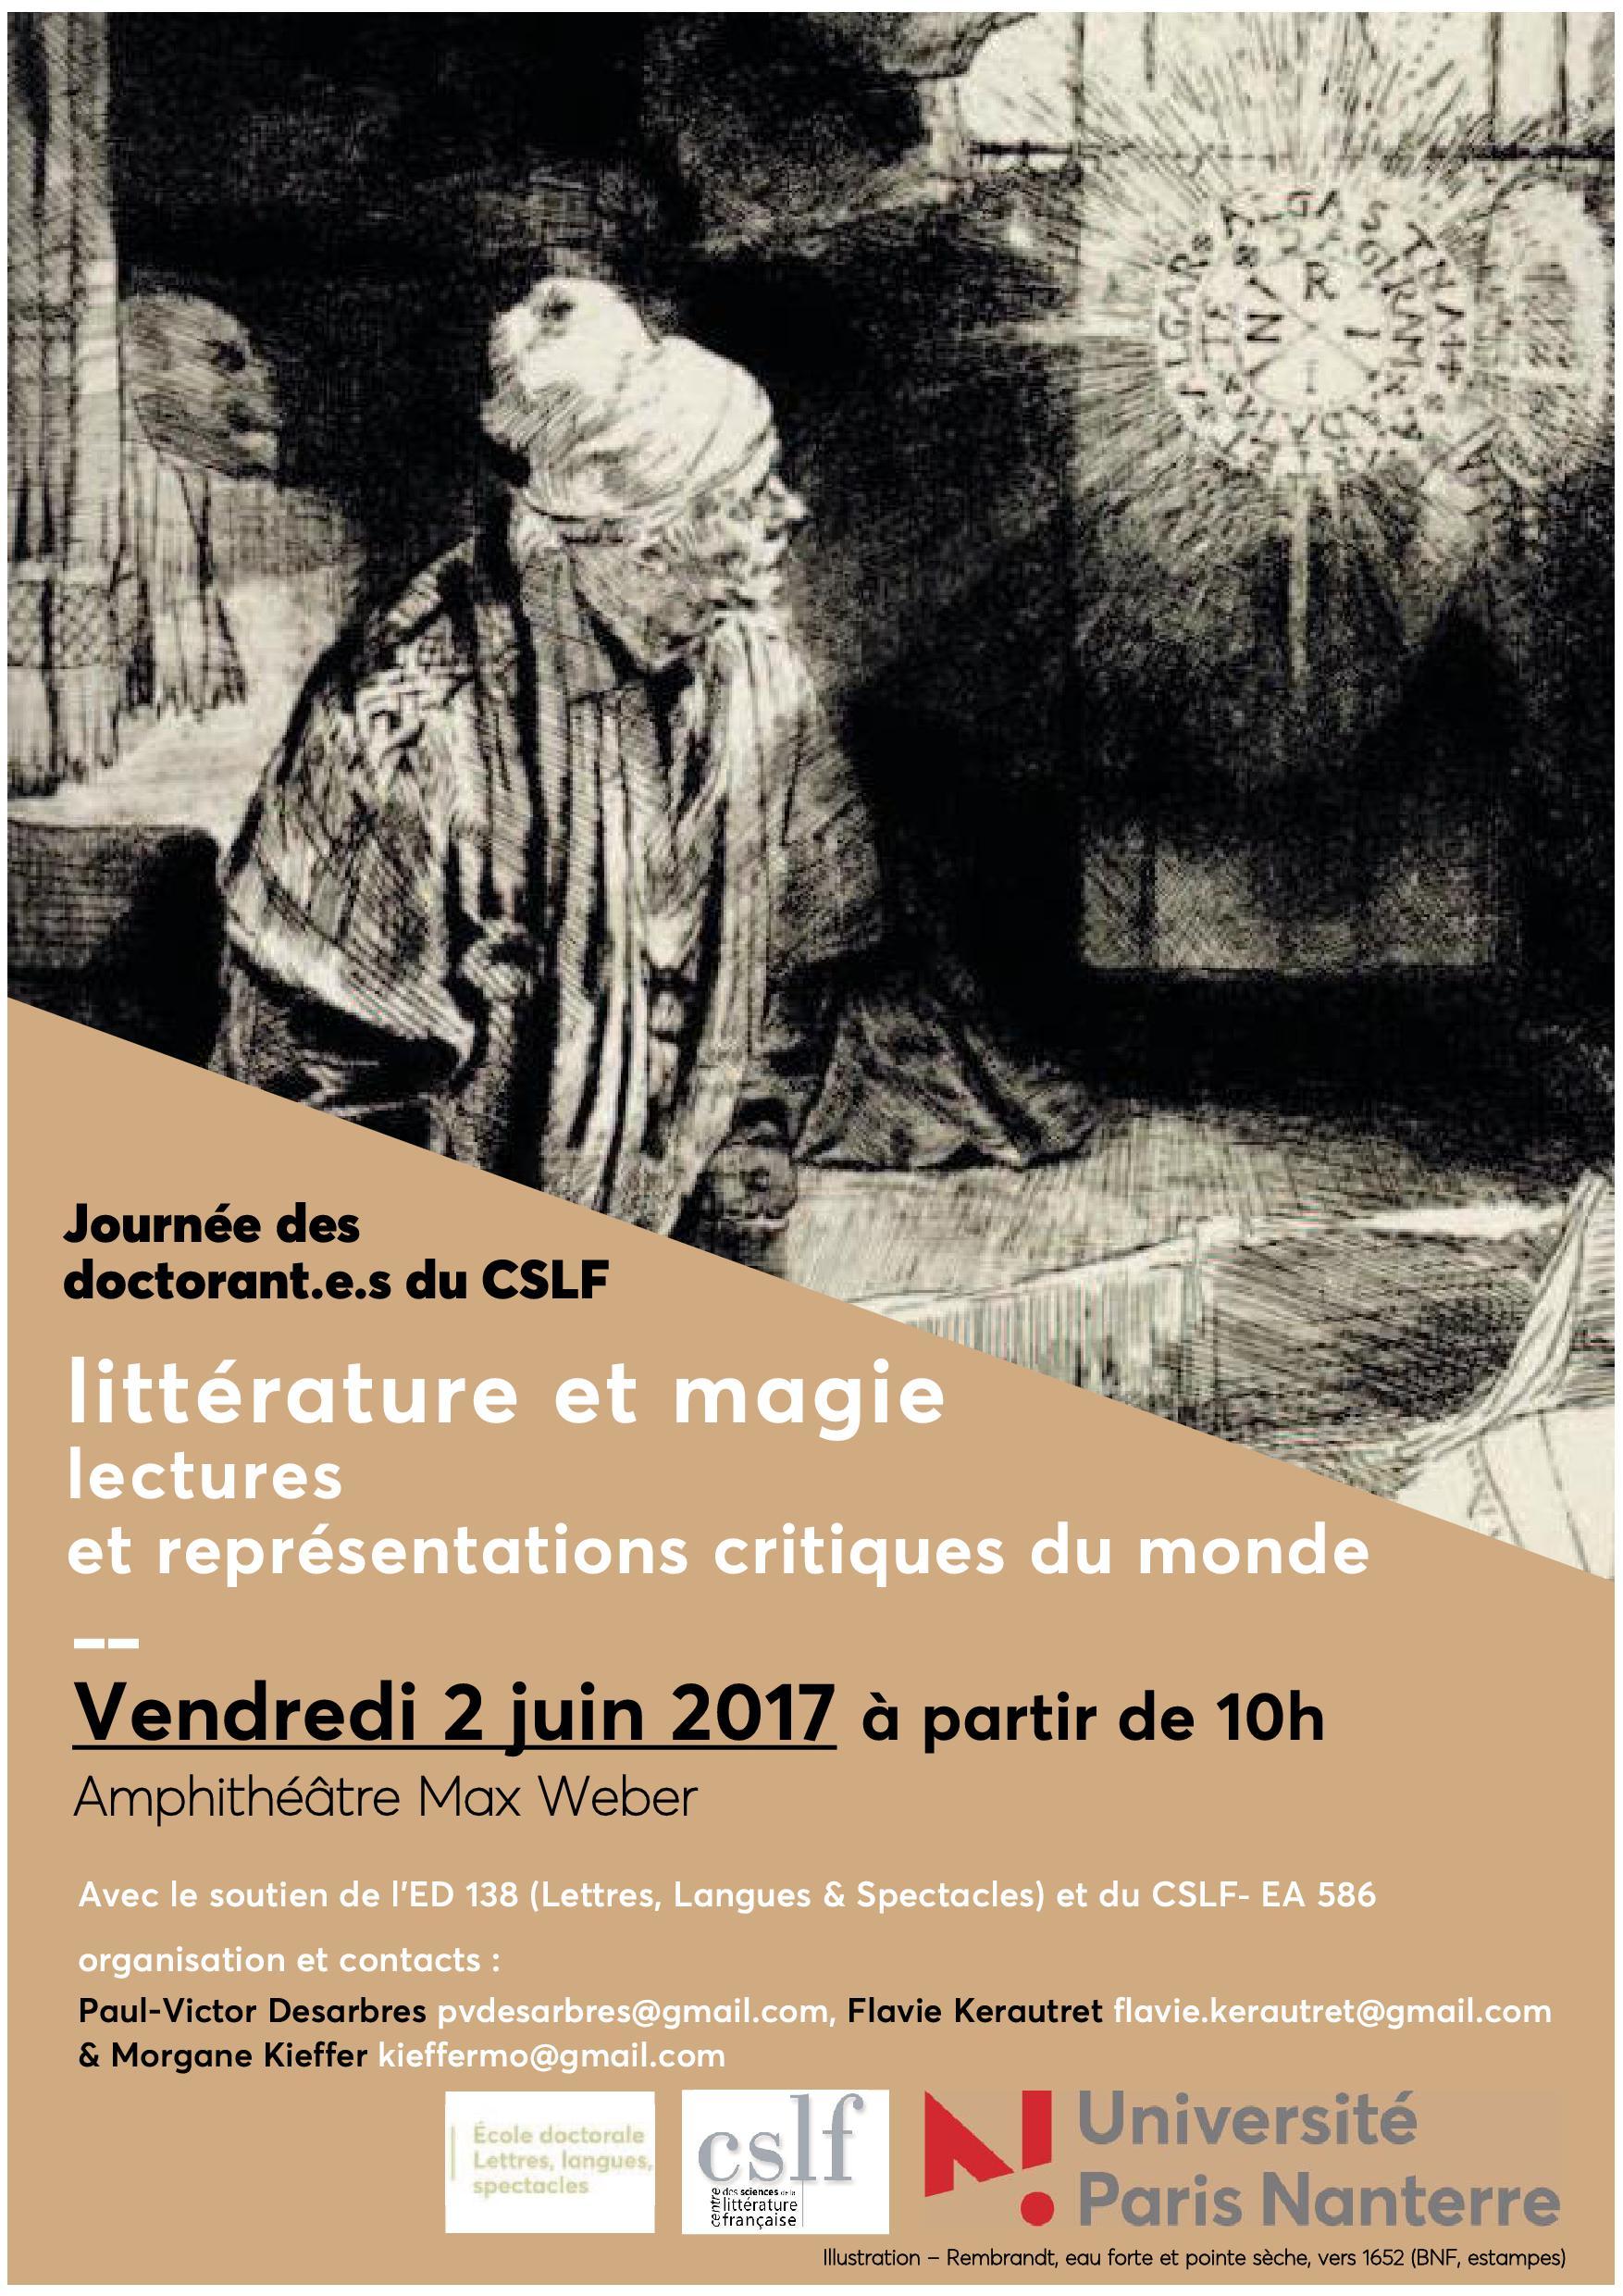 Littérature et magie : lectures et représentations critiques du monde (Nanterre)